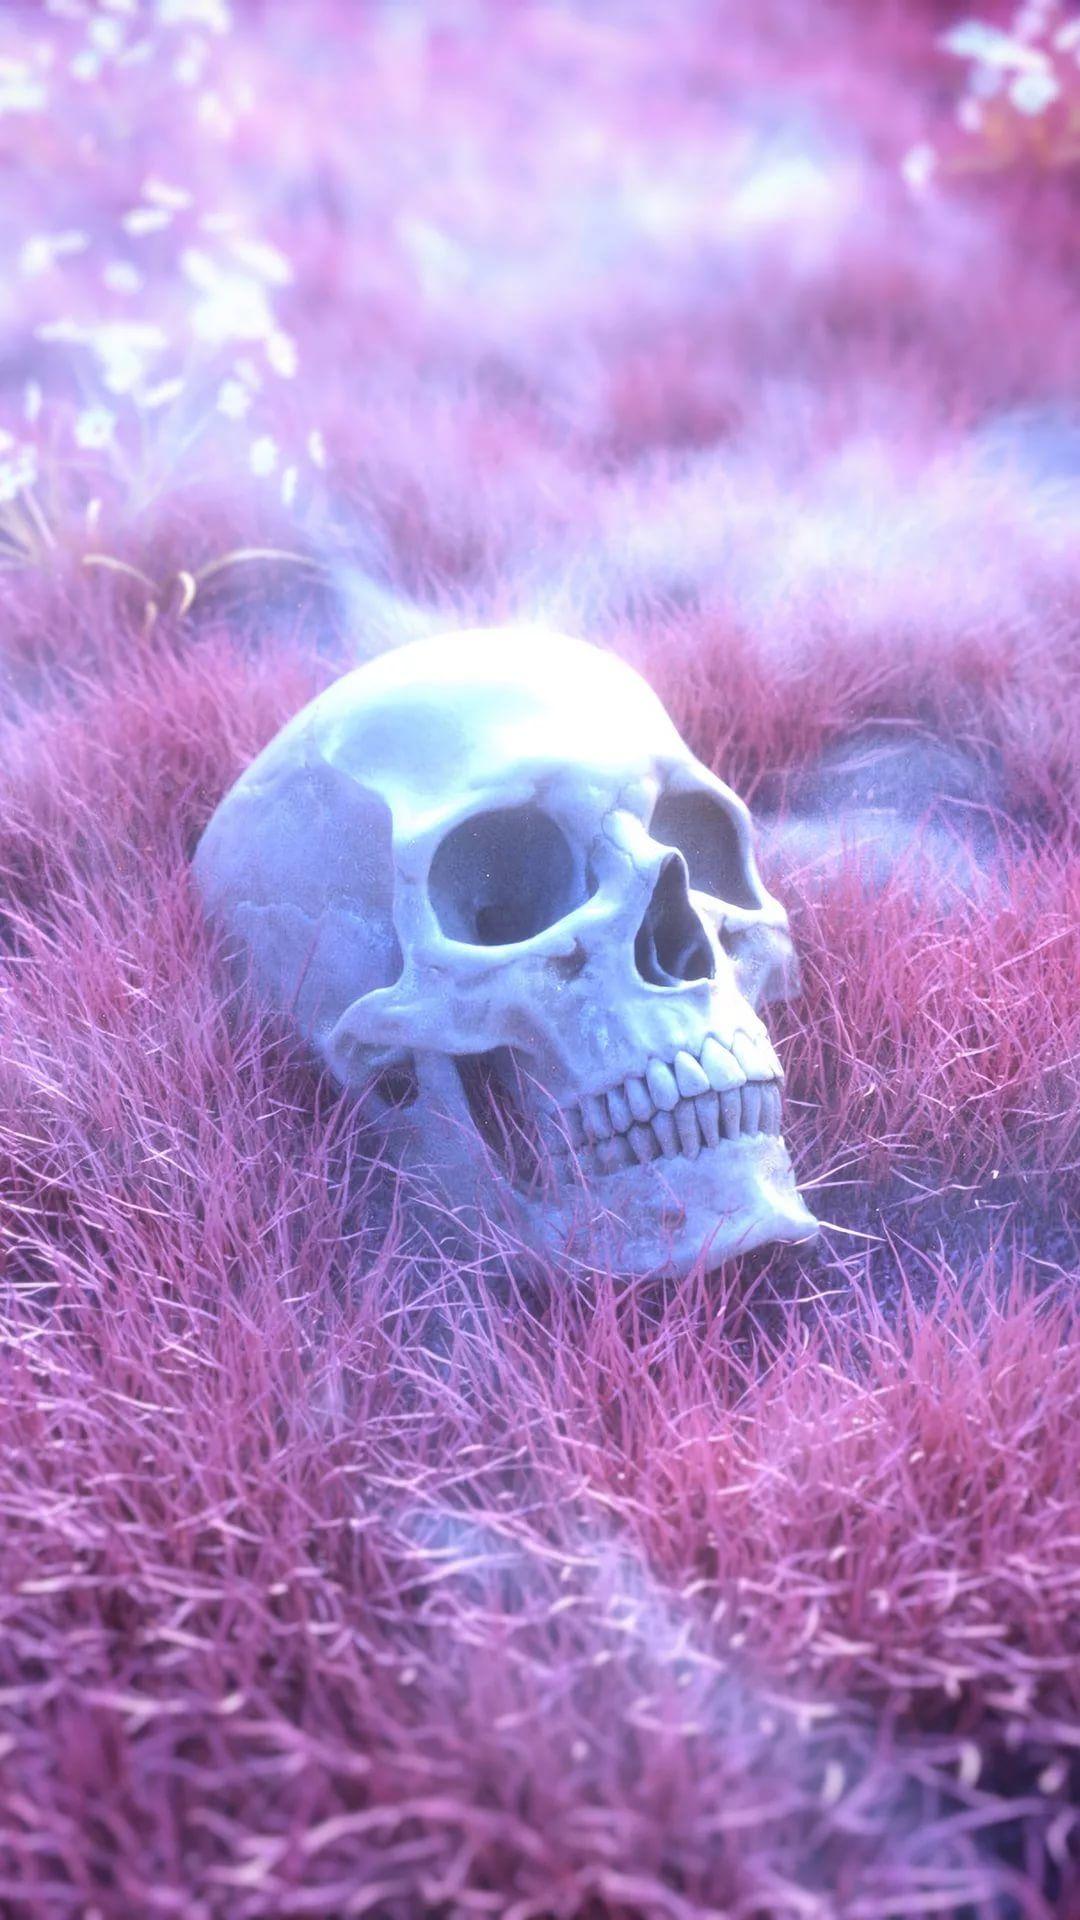 Skeleton iPhone 6 wallpaper tumblr